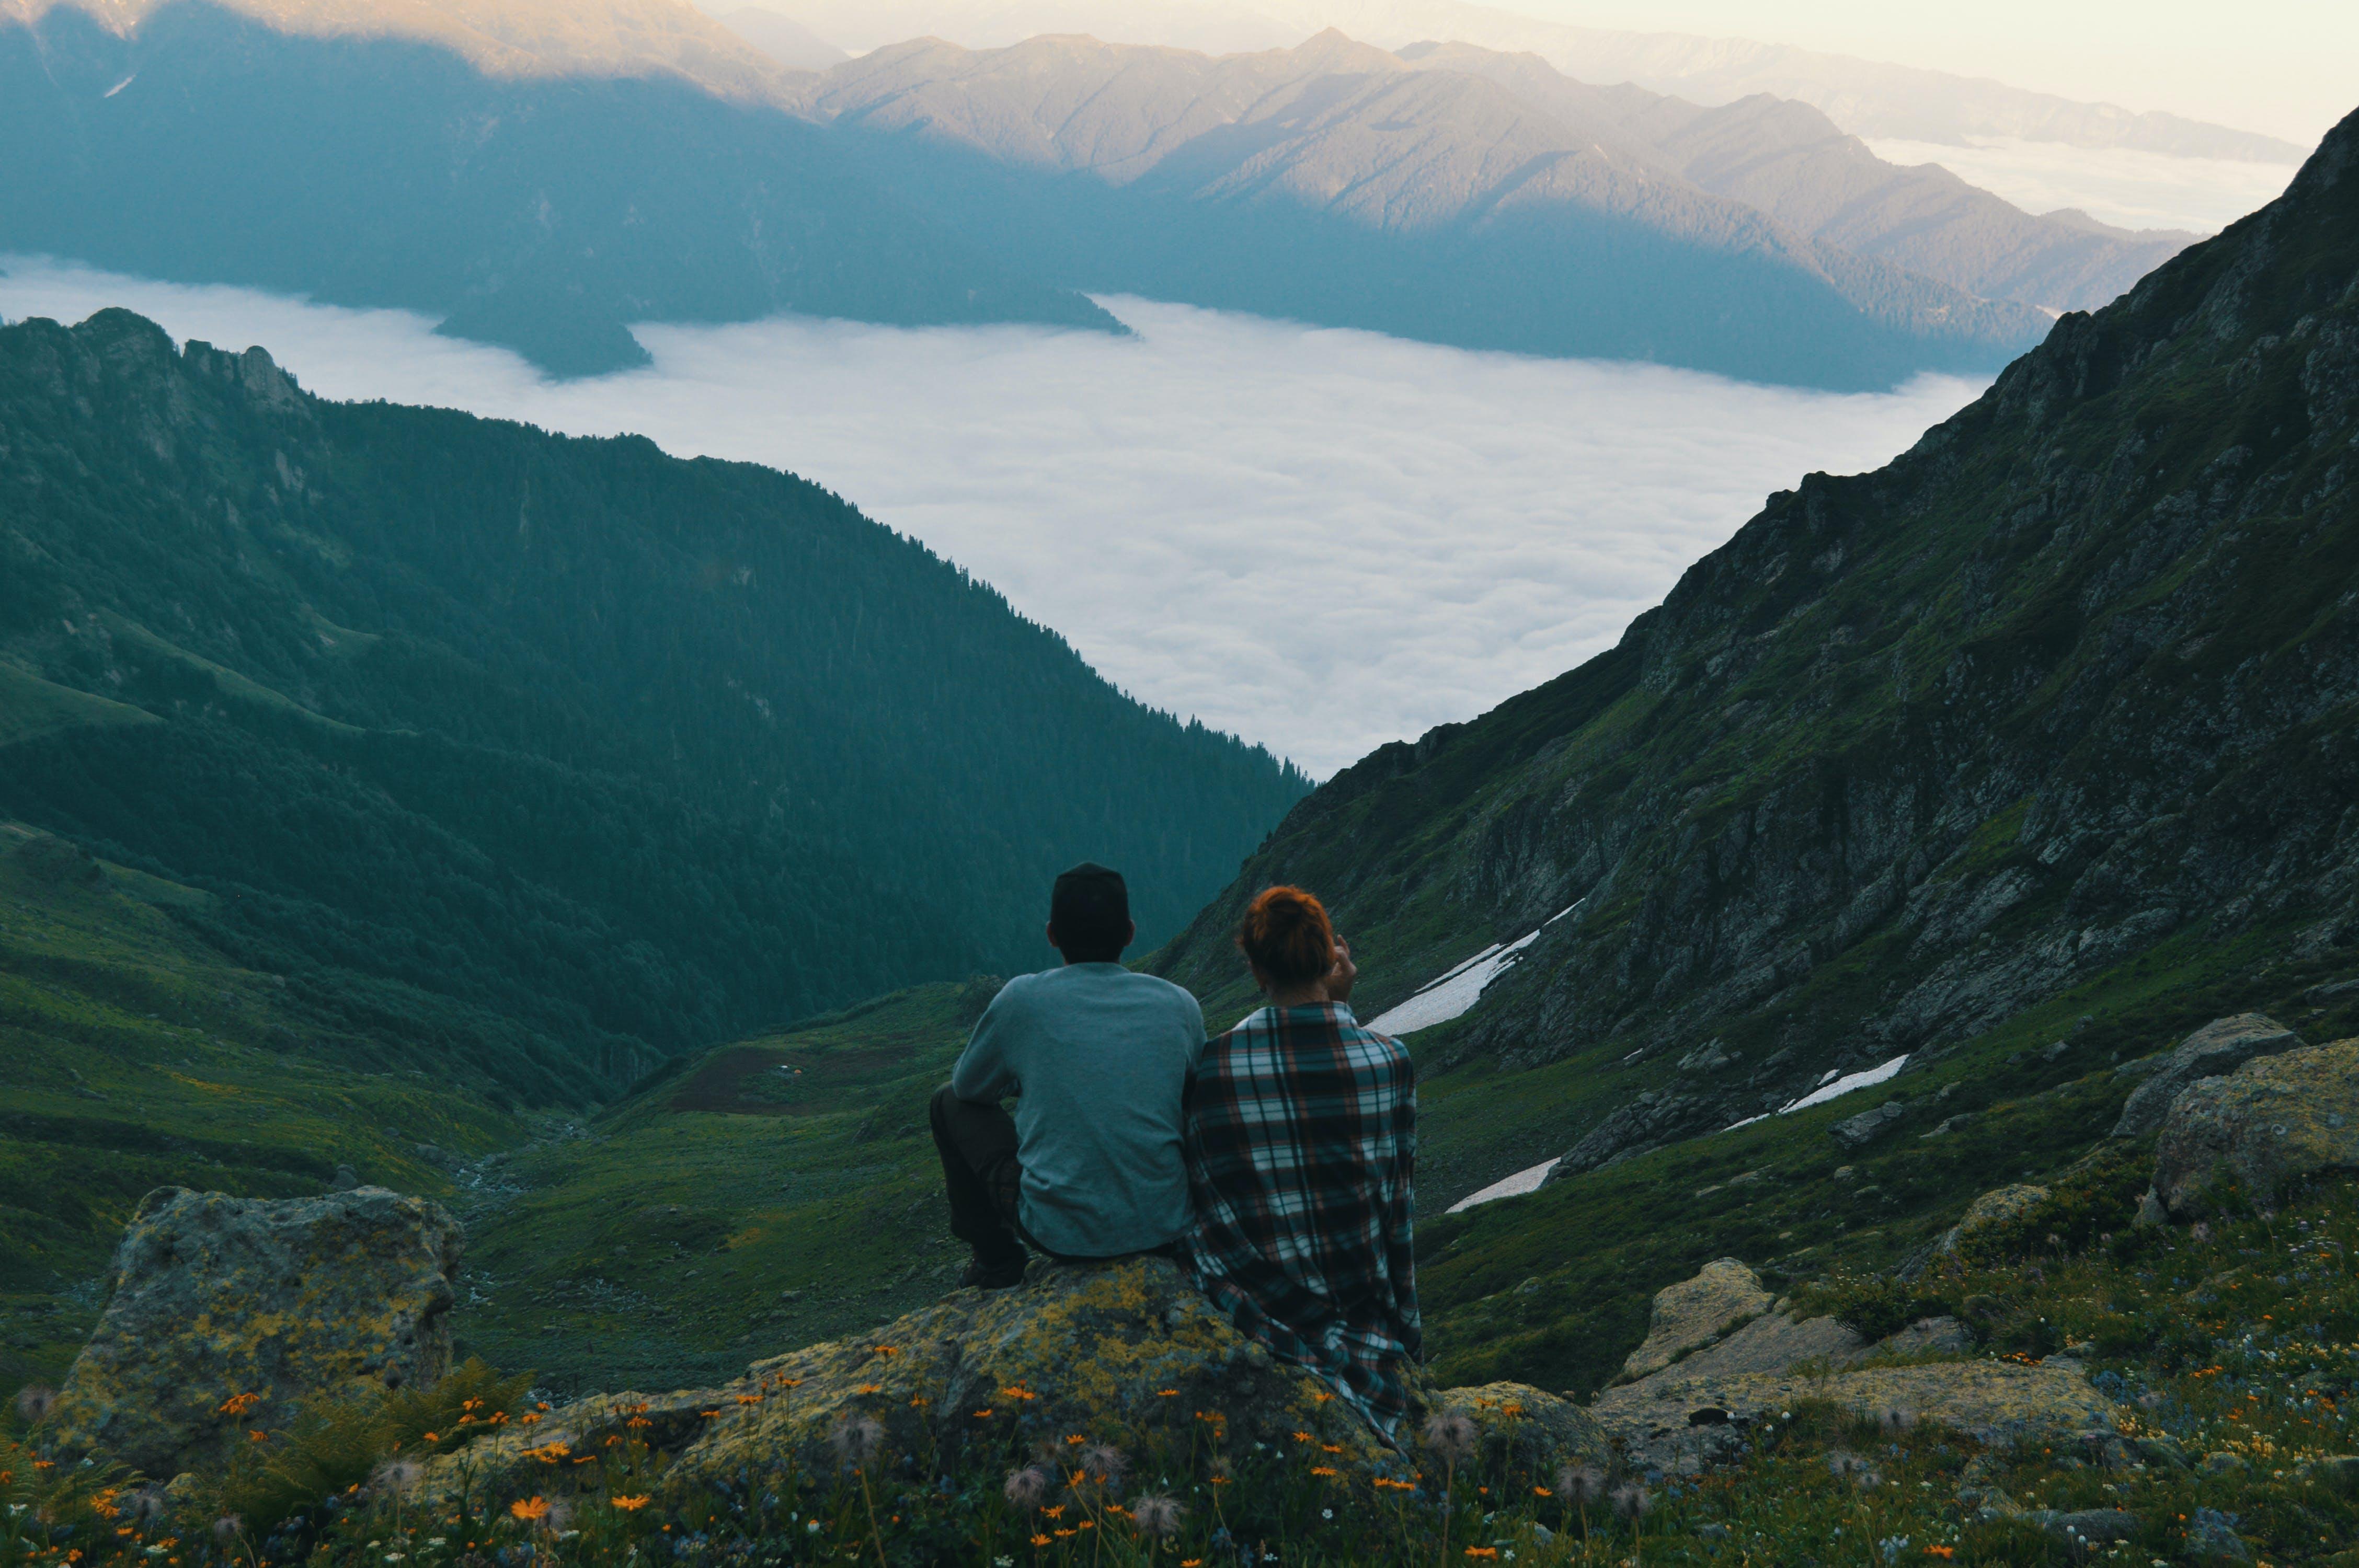 Δωρεάν στοκ φωτογραφιών με rock, αναψυχή, βουνό, βράχια